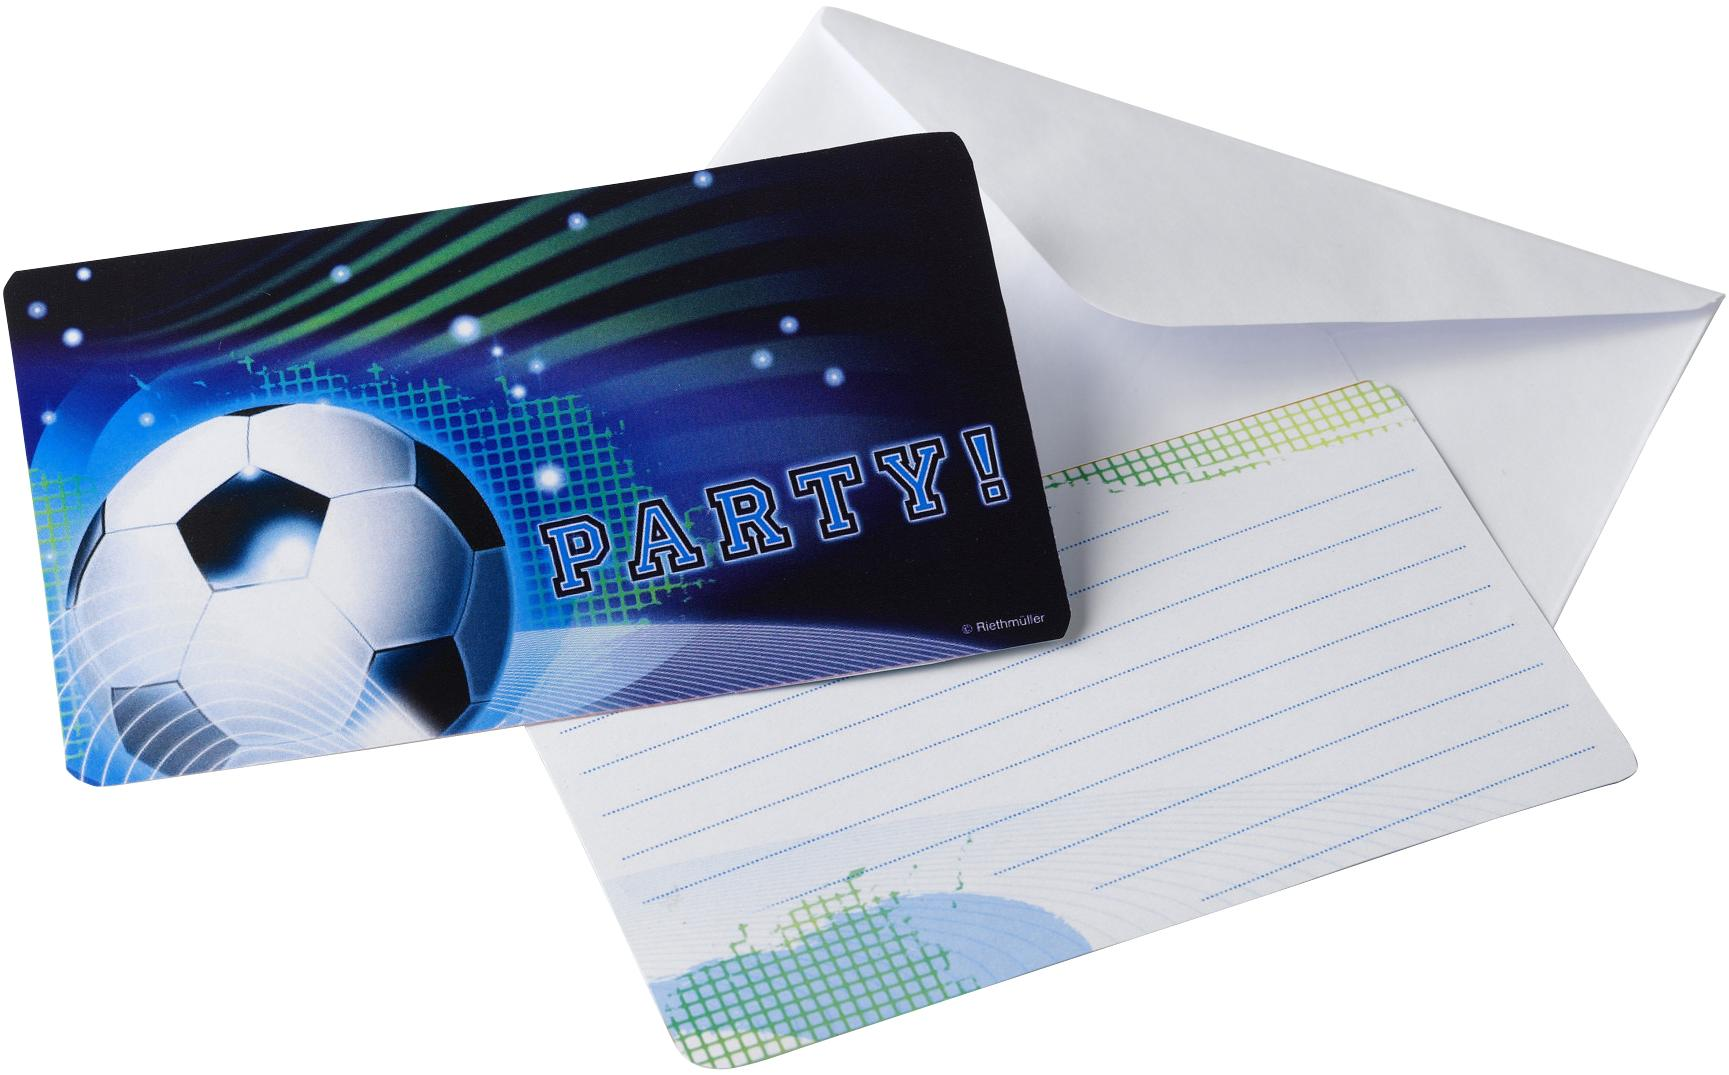 Einladungskarten Fußball Riethmüller | günstig kaufen im MIFUS ...